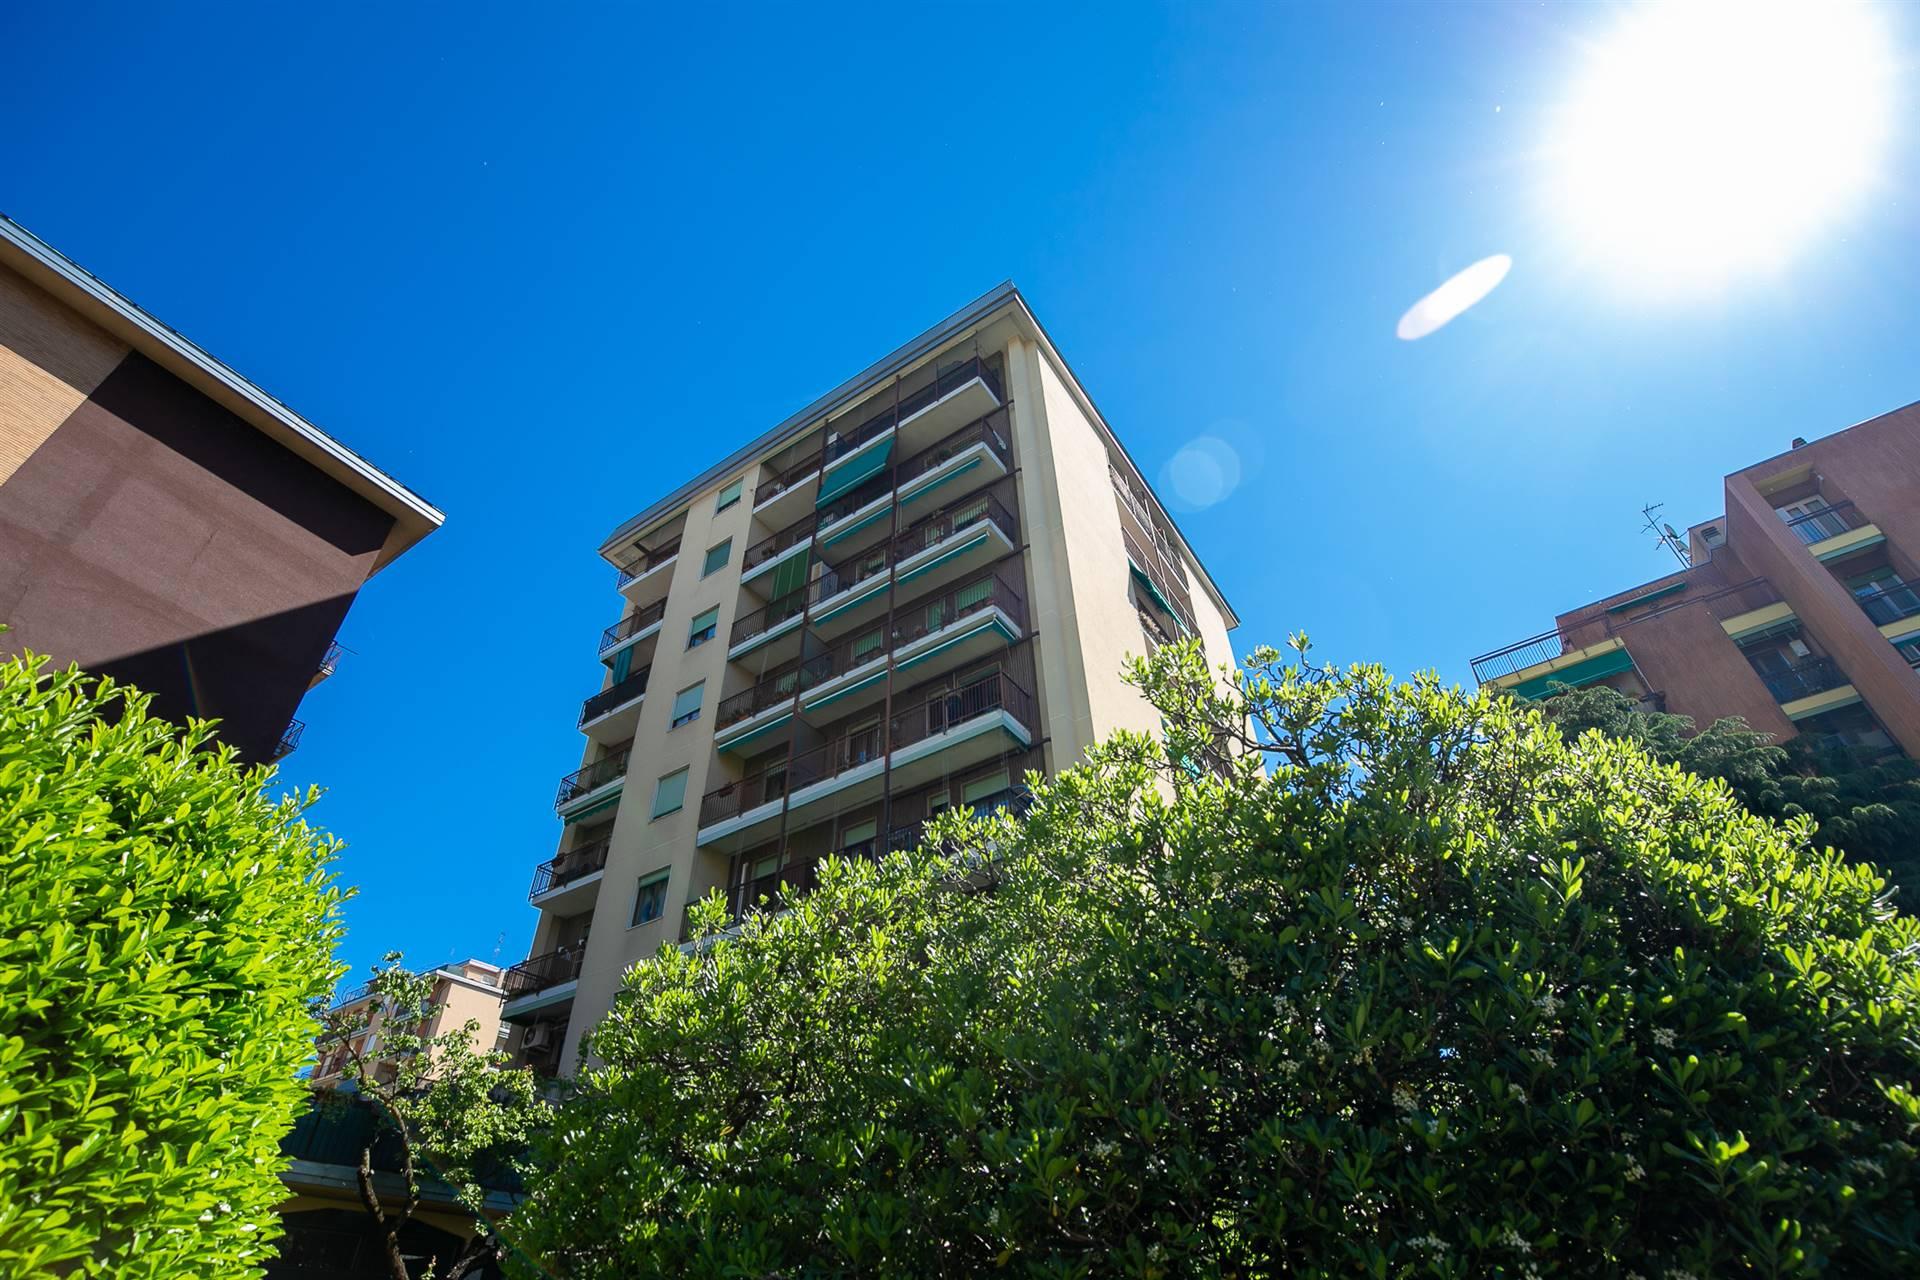 Appartamento in vendita a Paderno Dugnano, 3 locali, zona Zona: Palazzolo Milanese, prezzo € 108.000 | CambioCasa.it